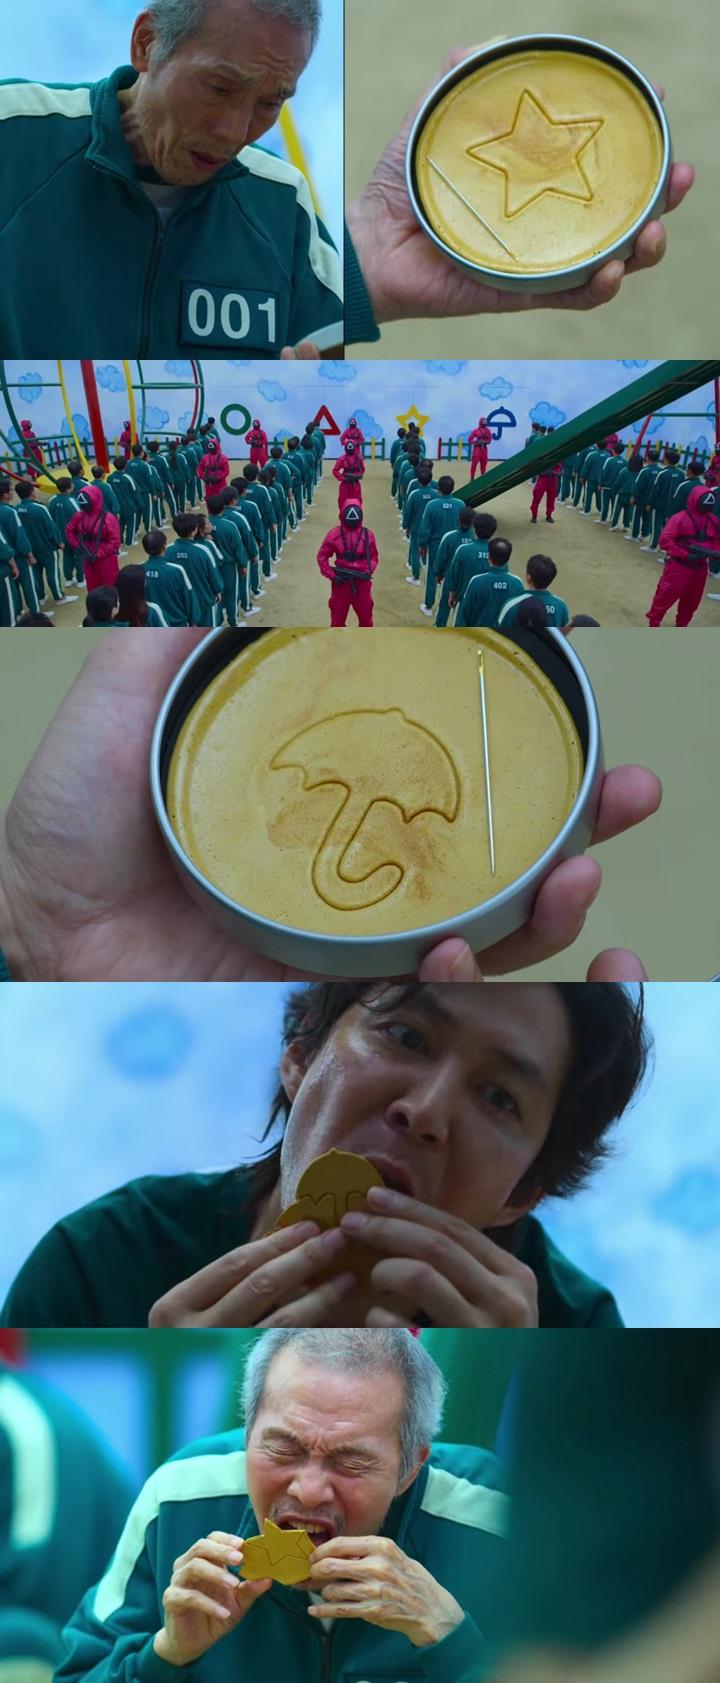 넷플릭스 오징어 게임 다시보기 설탕 뽑기